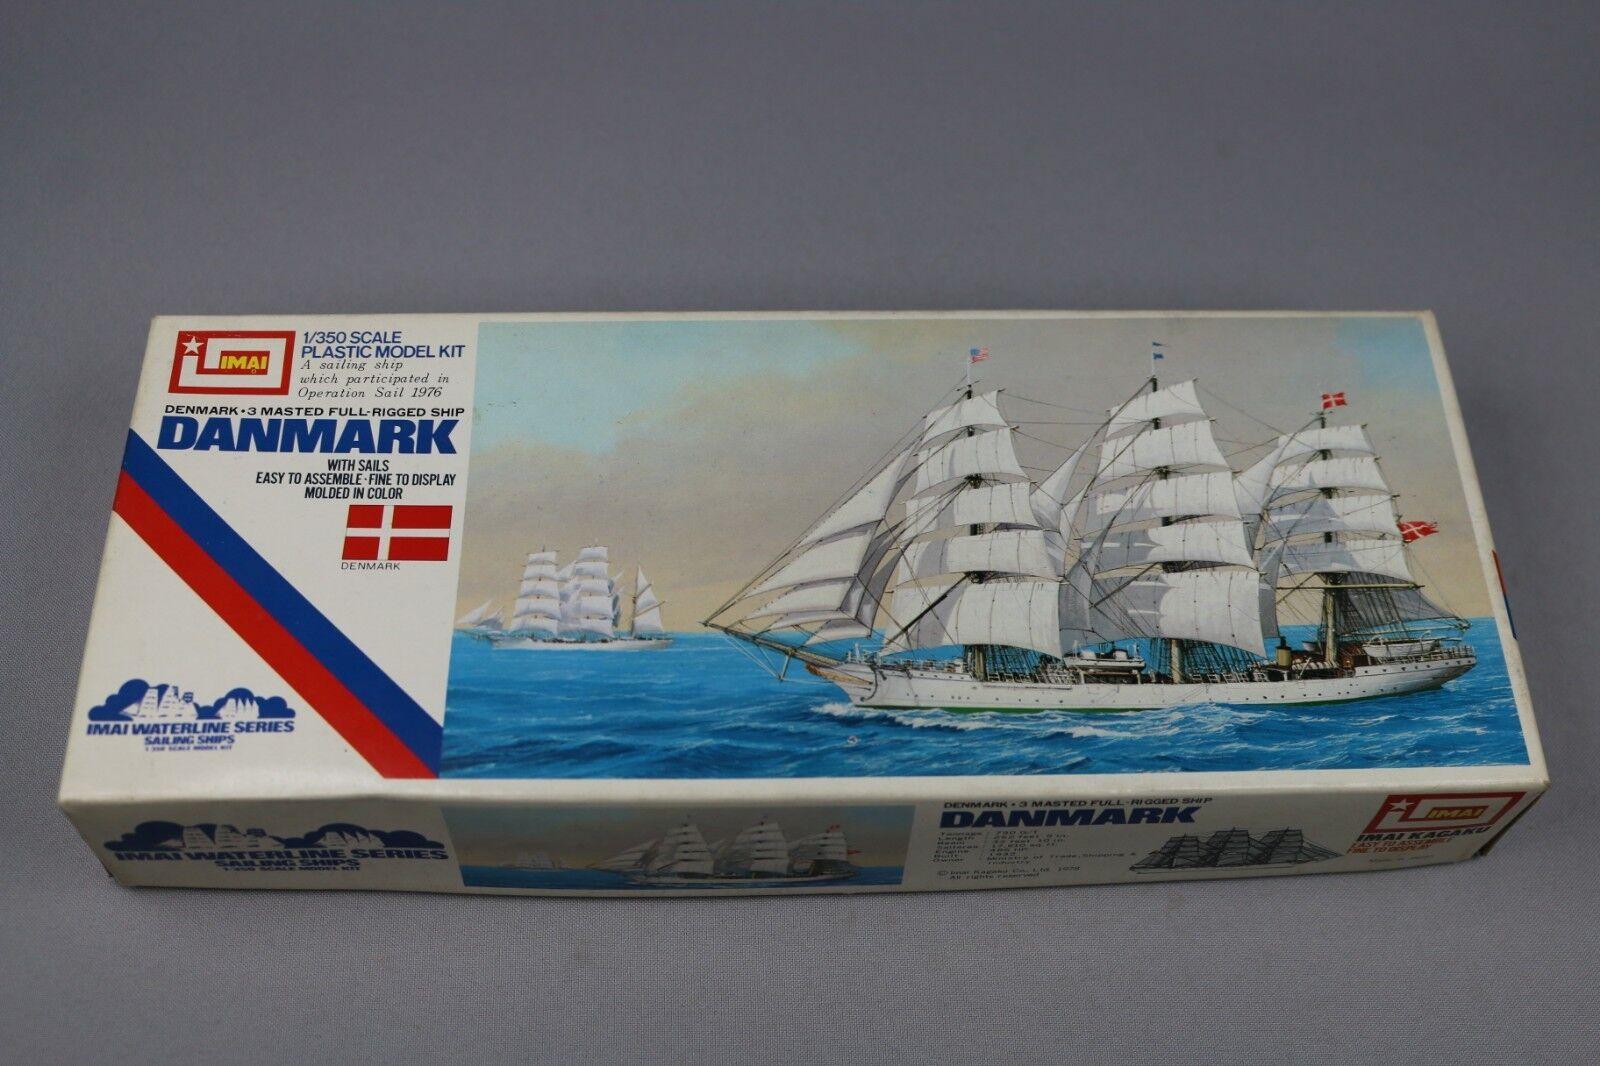 Zf955 Imai 1 350 Maqueta Barco B-313 Danmark Dinamarca 3 Masted Full-Rigged